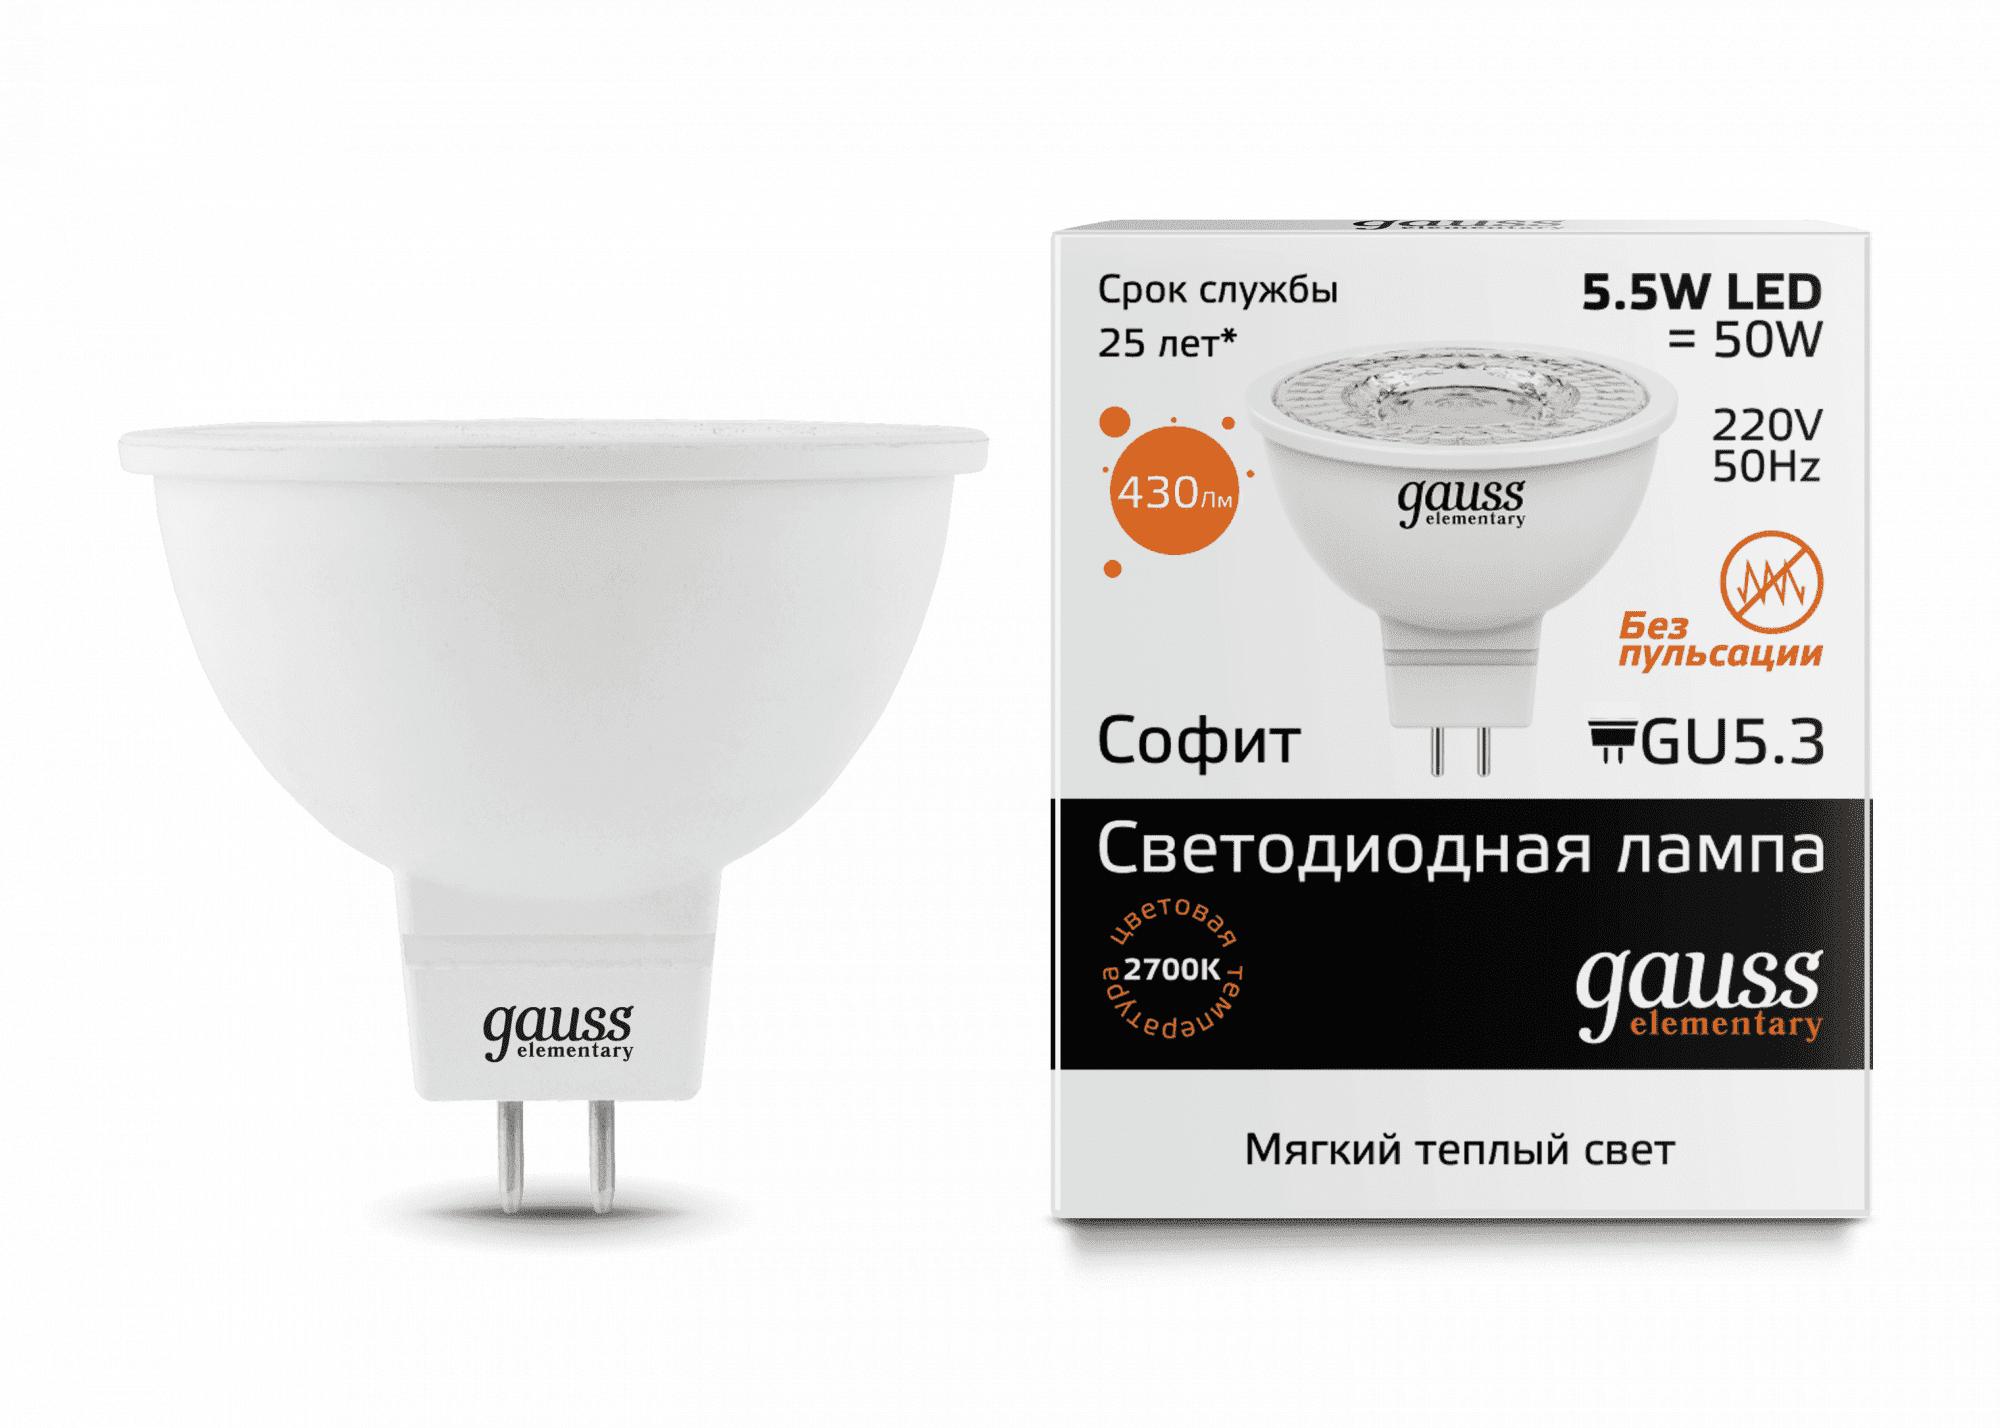 Gauss LED Elementary MR16 GU5.3 5.5W 2700К 1/10/100 арт. 16516